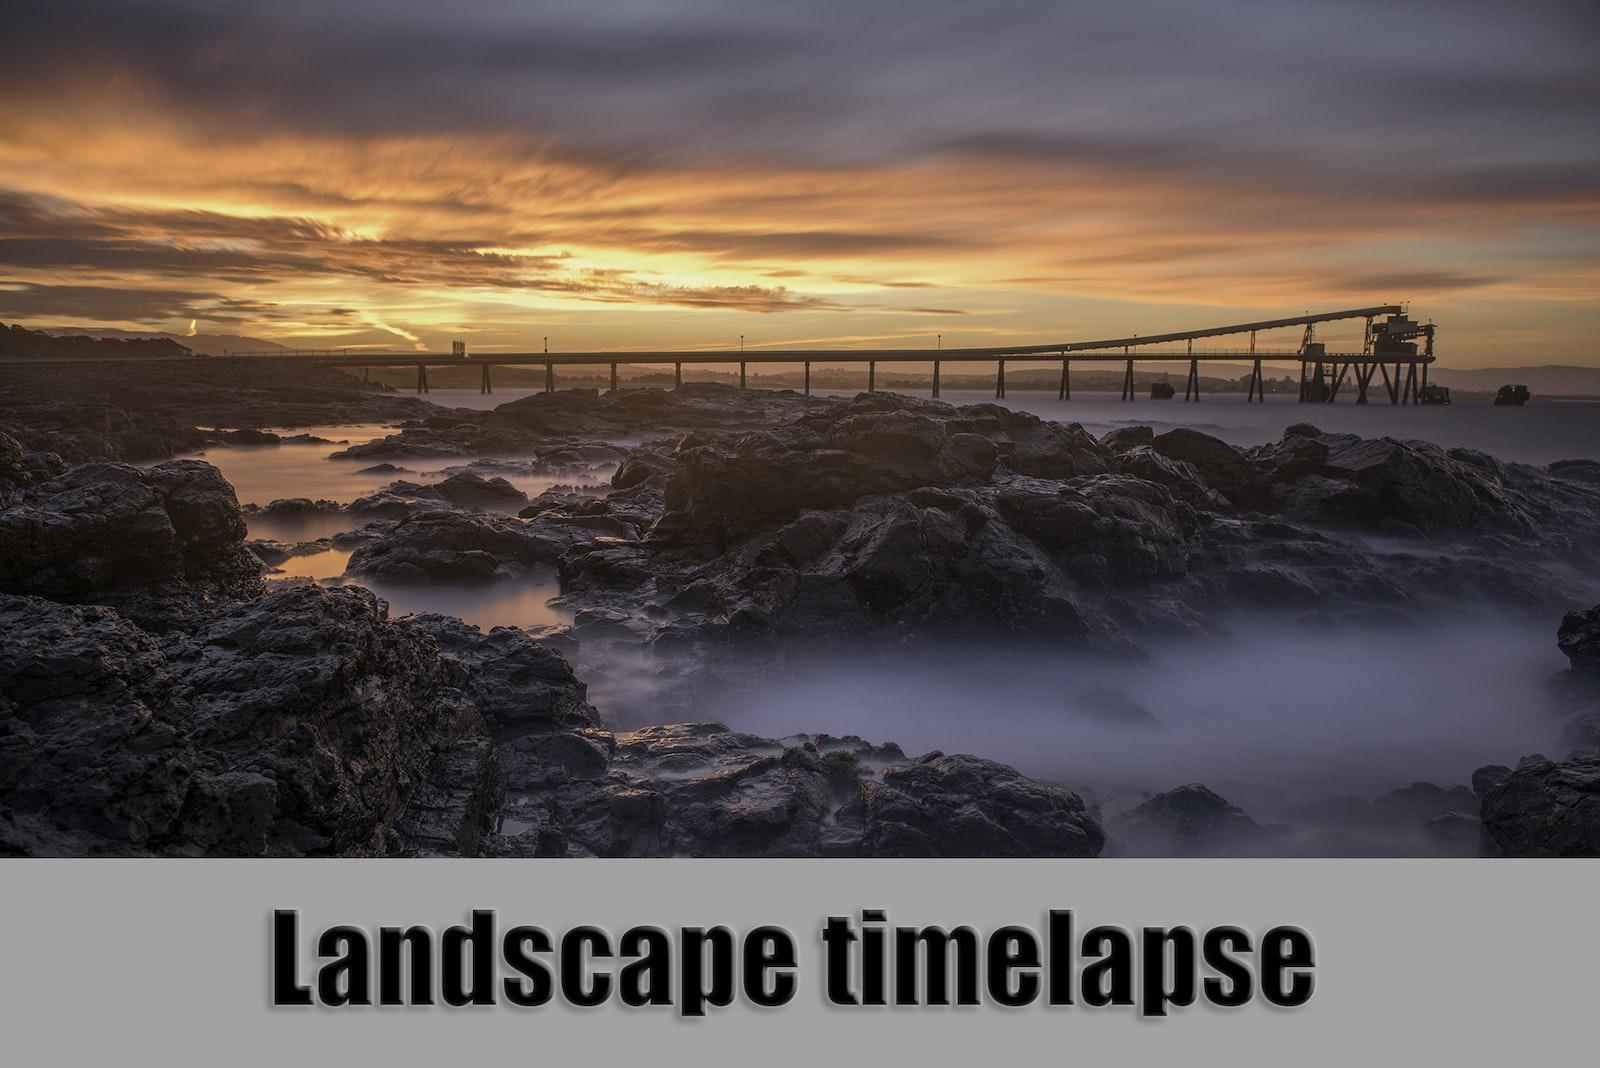 landscape timelapse